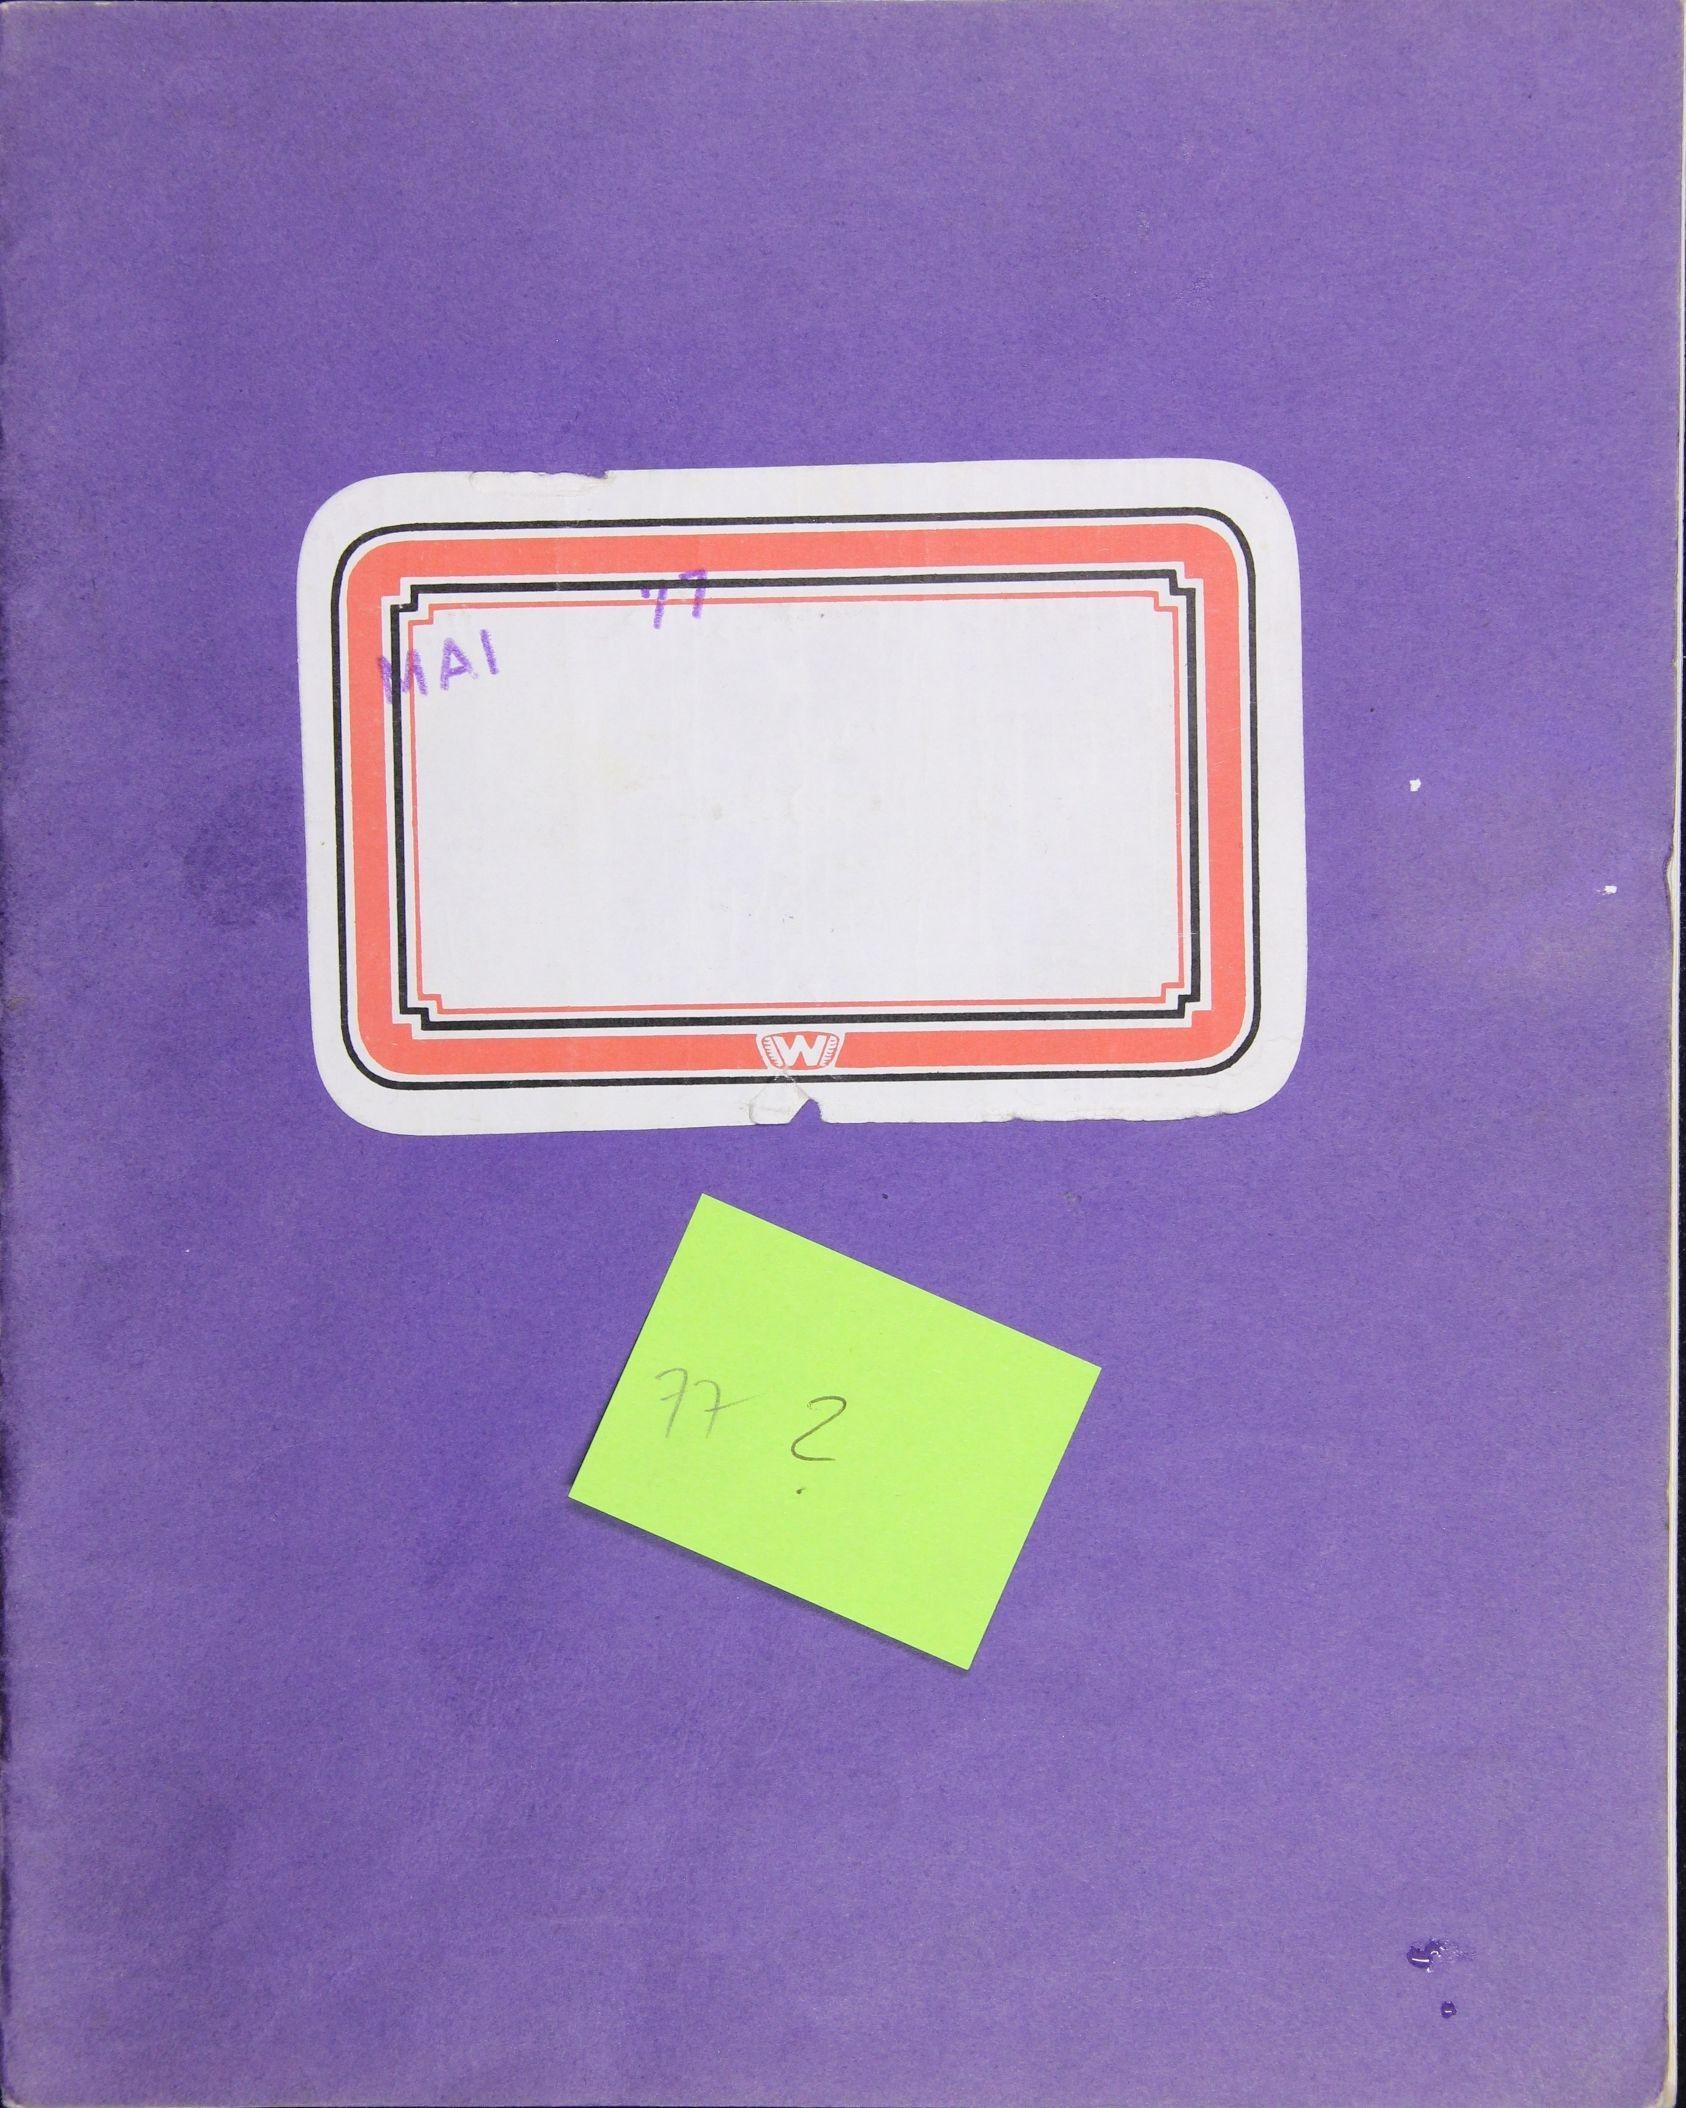 Notizbuch Hartmut Skerbisch (Inventarnr. 7) von Hartmut Skerbisch